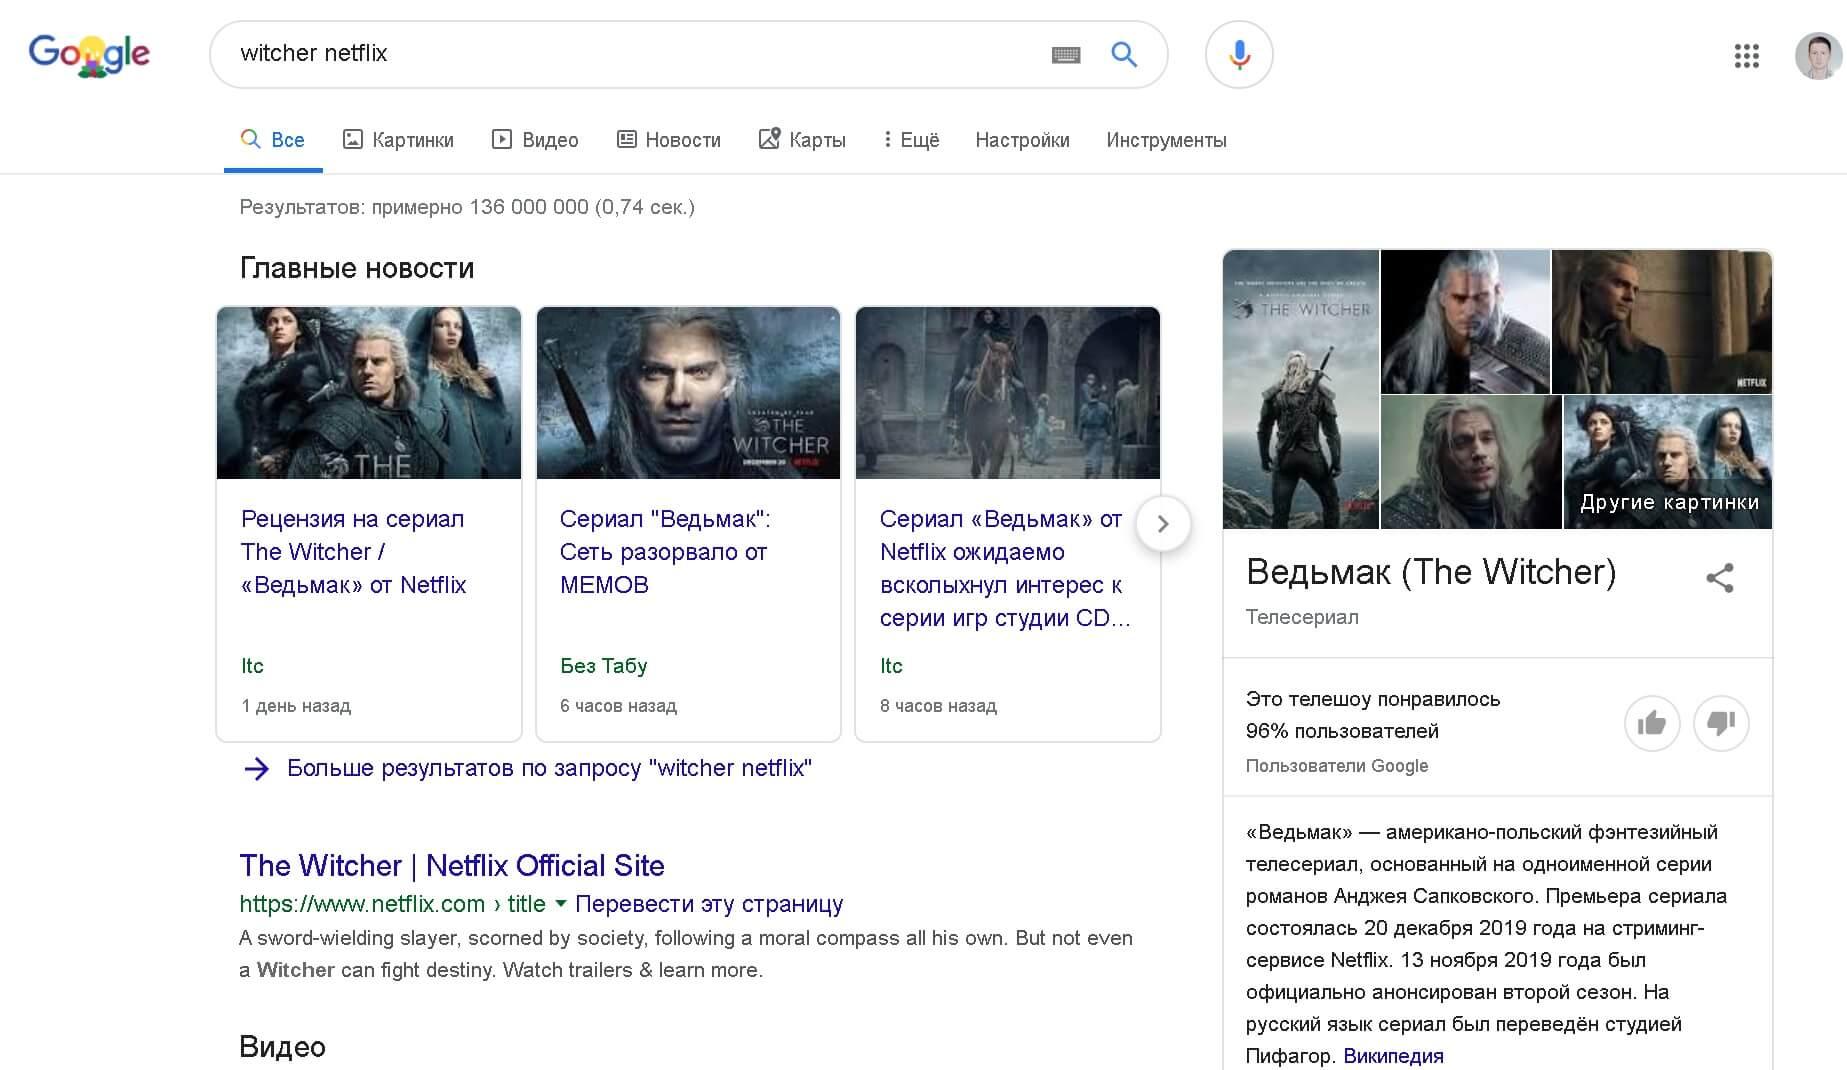 witcher noclick google - В июне 2019 доля no-click запросов к Google впервые превысила 50%